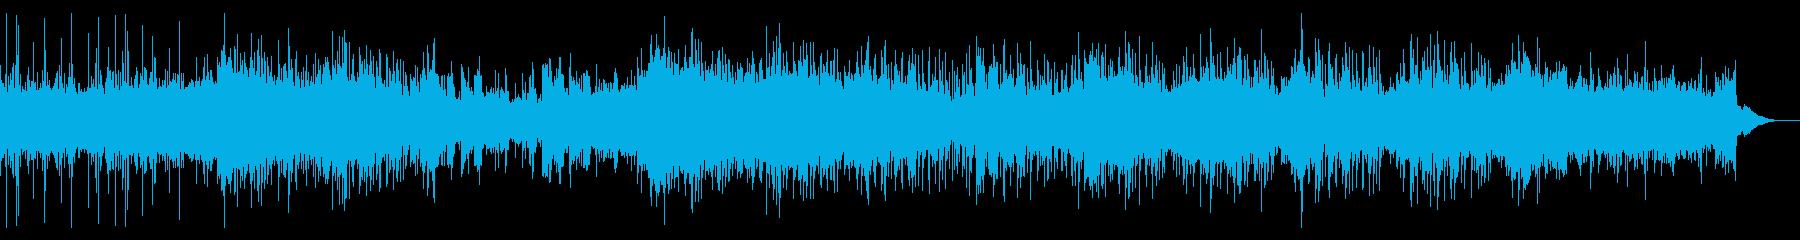 薄暗いシネマスケープの再生済みの波形